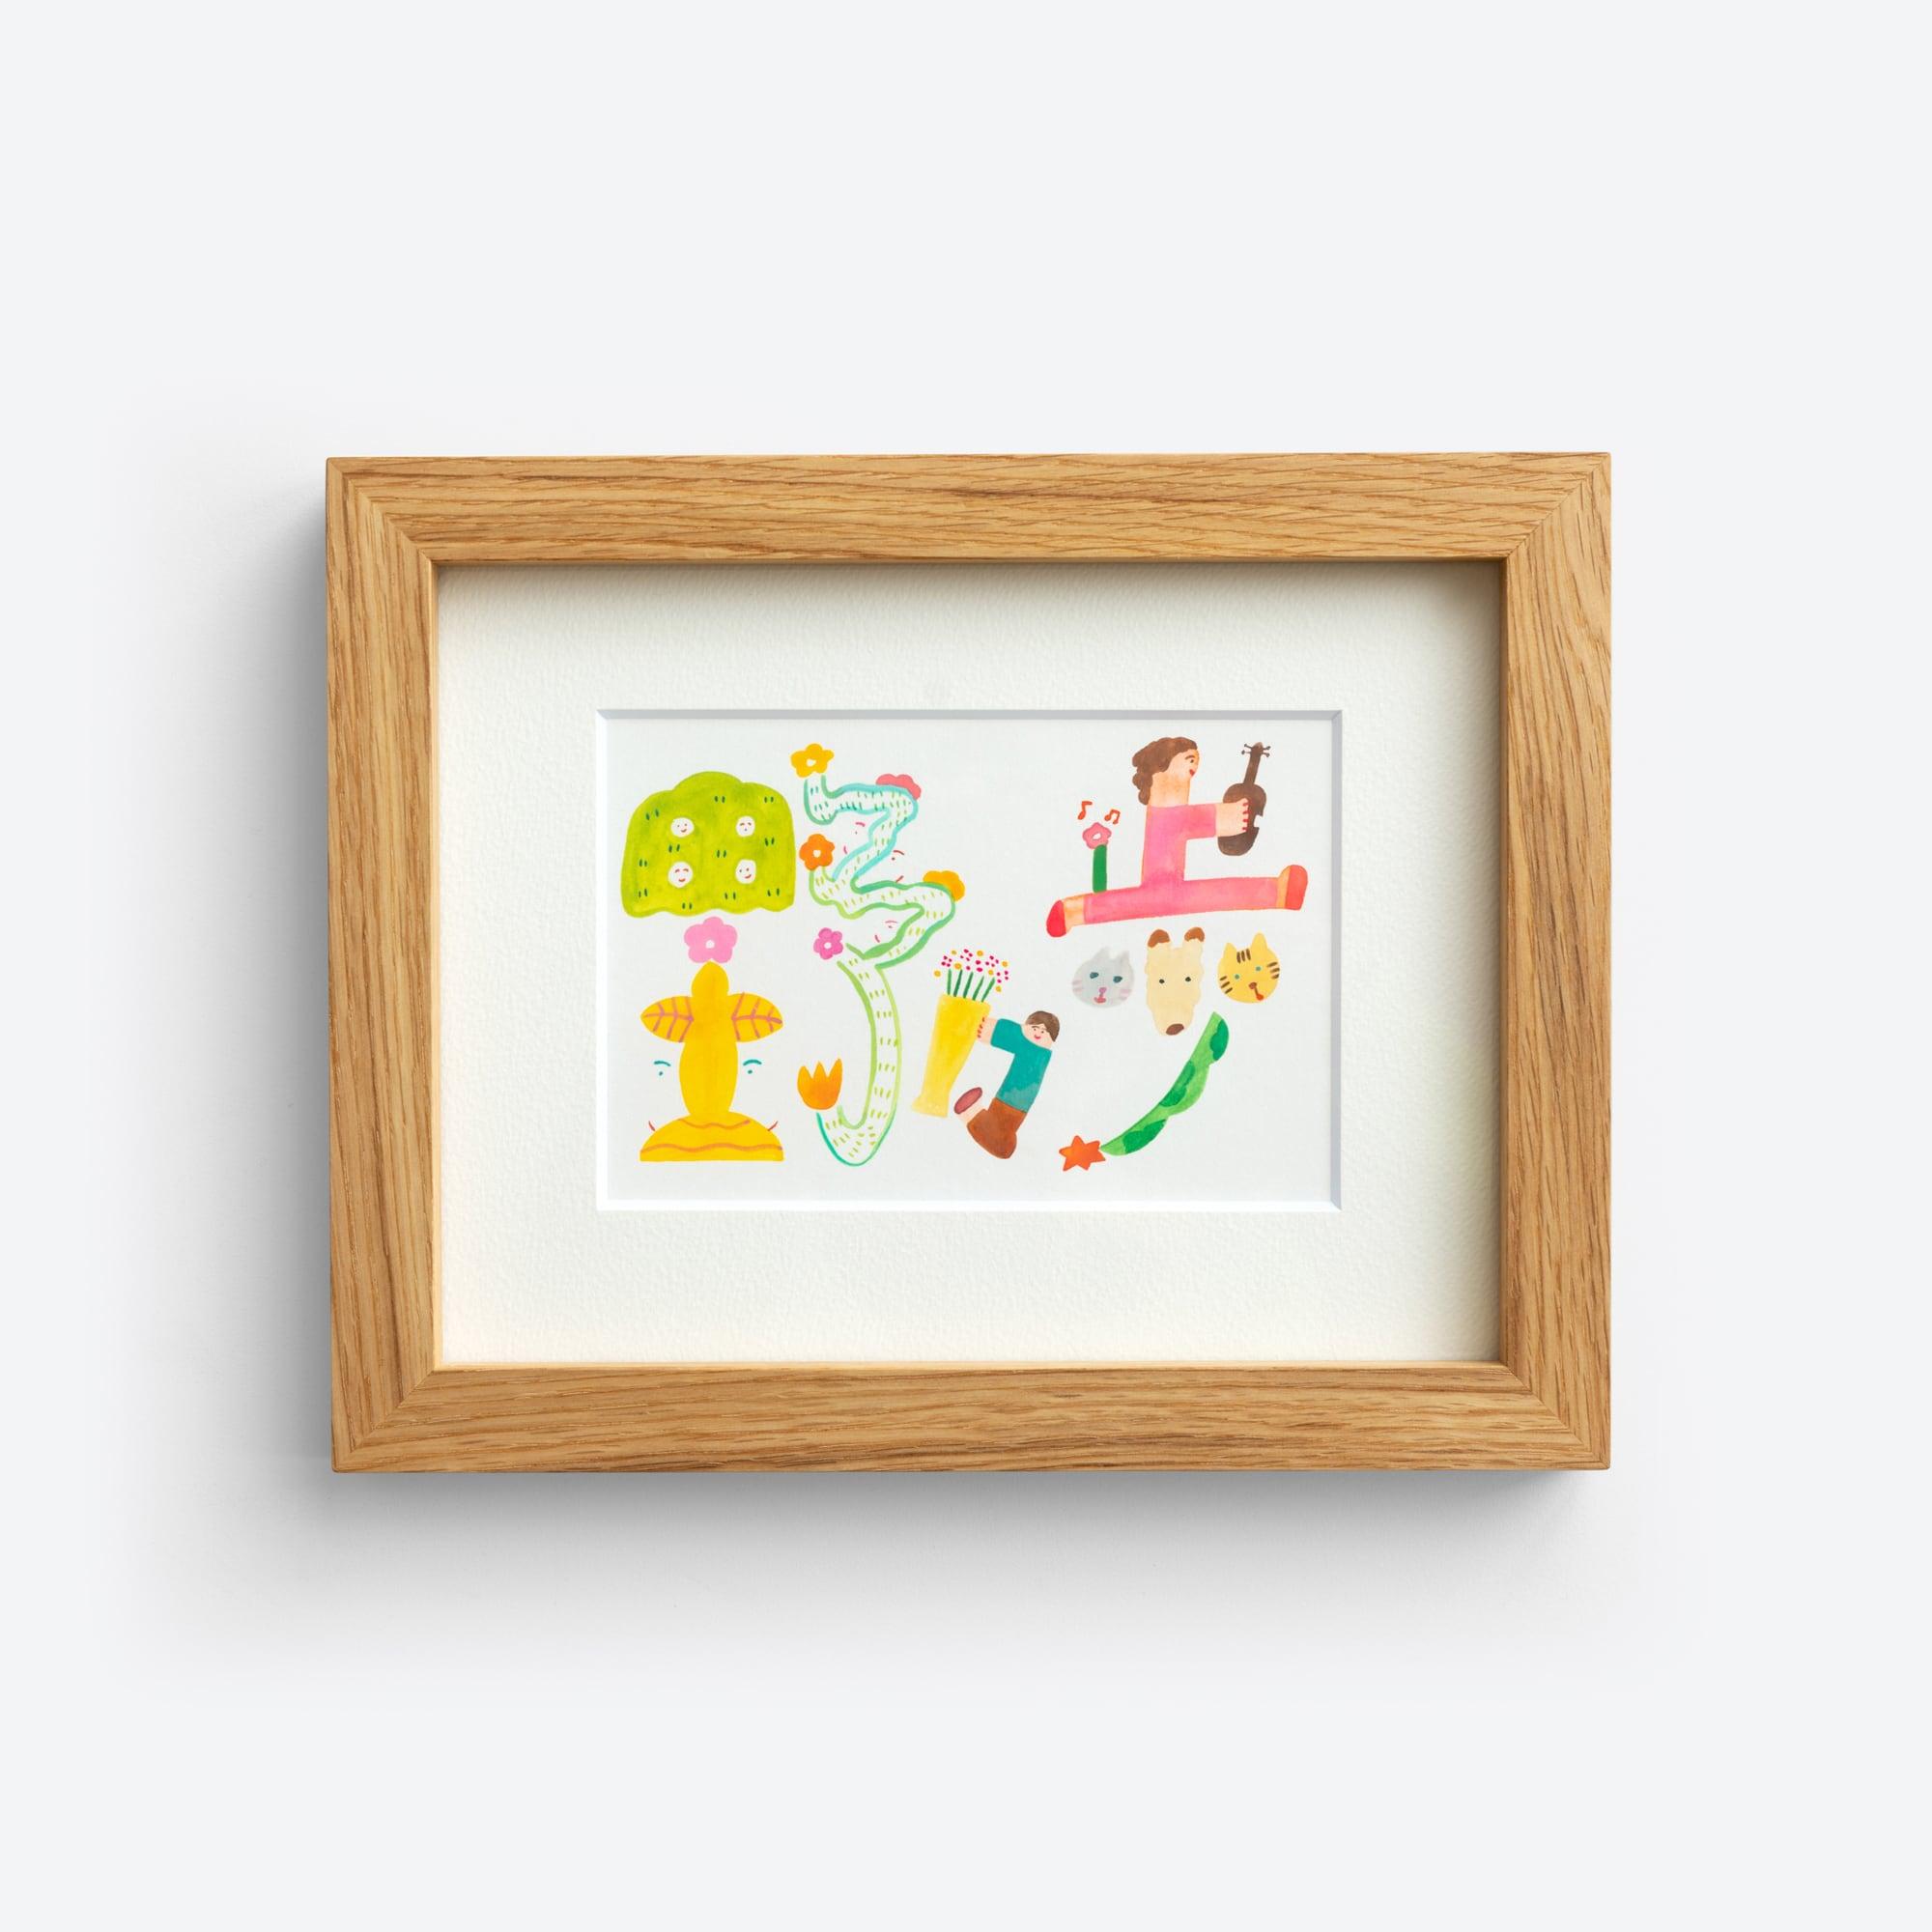 オーダメイドネームアート  ハガキサイズ /  木製額 スペシャルギフトボックス付